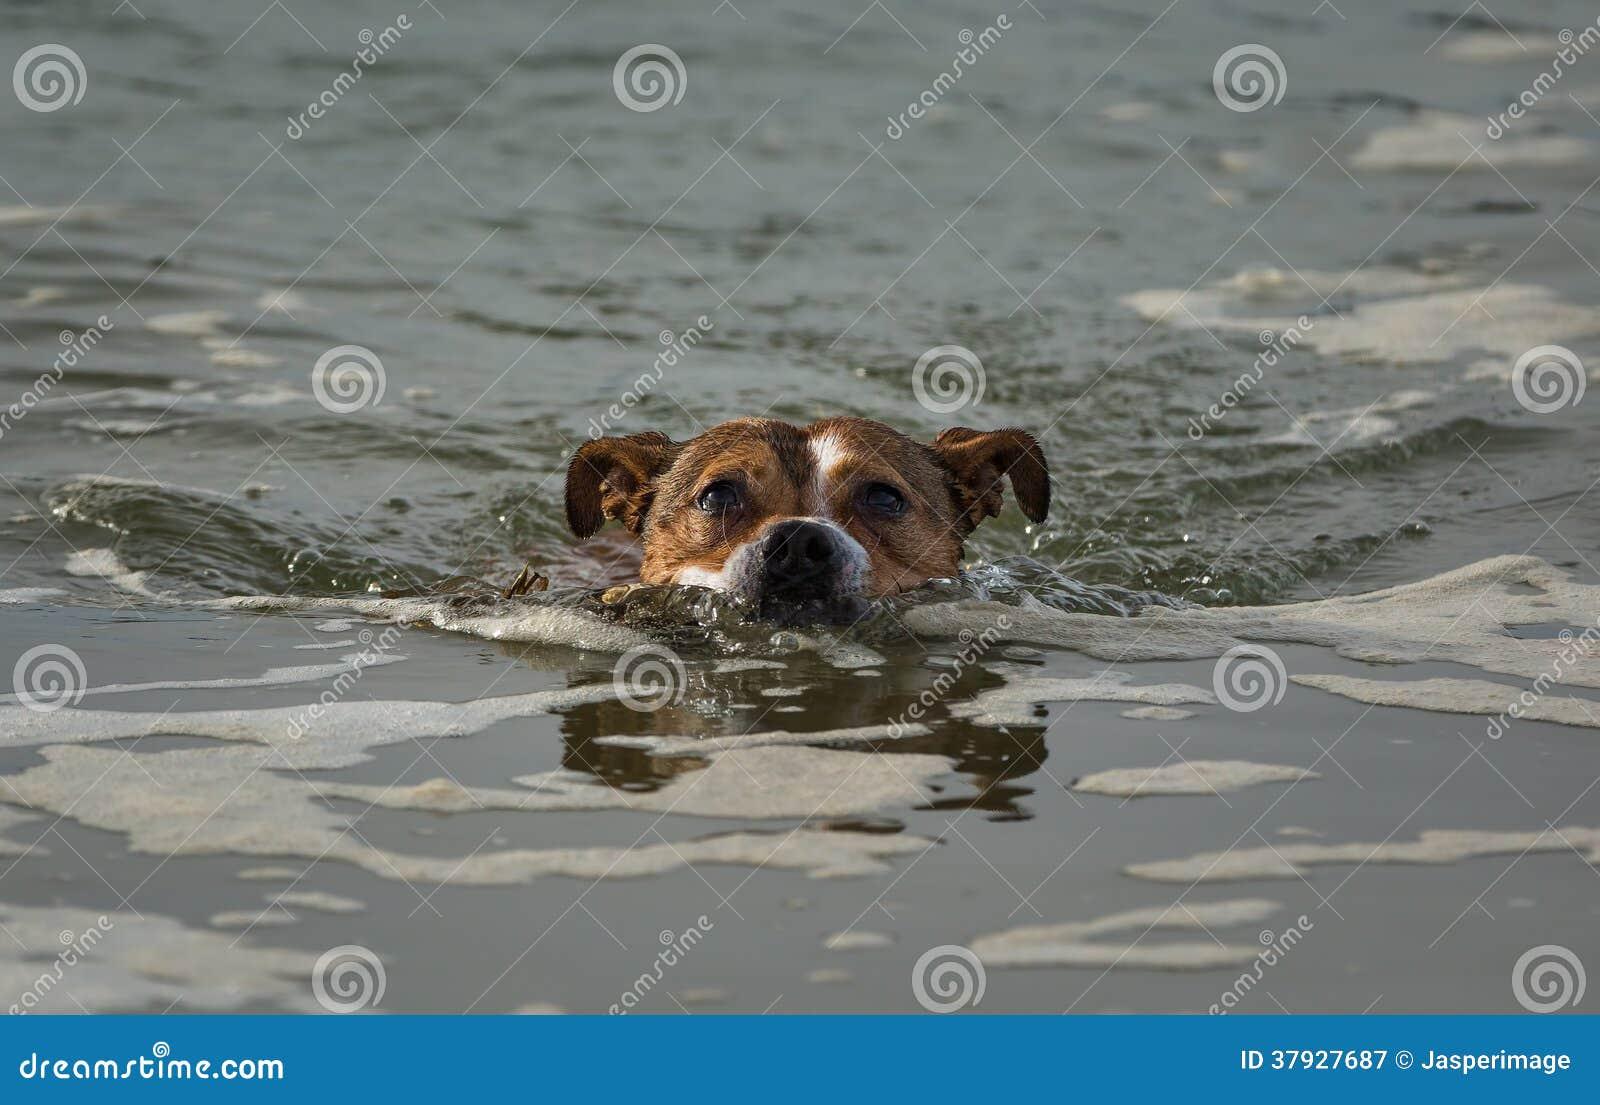 Заплывание терьера.